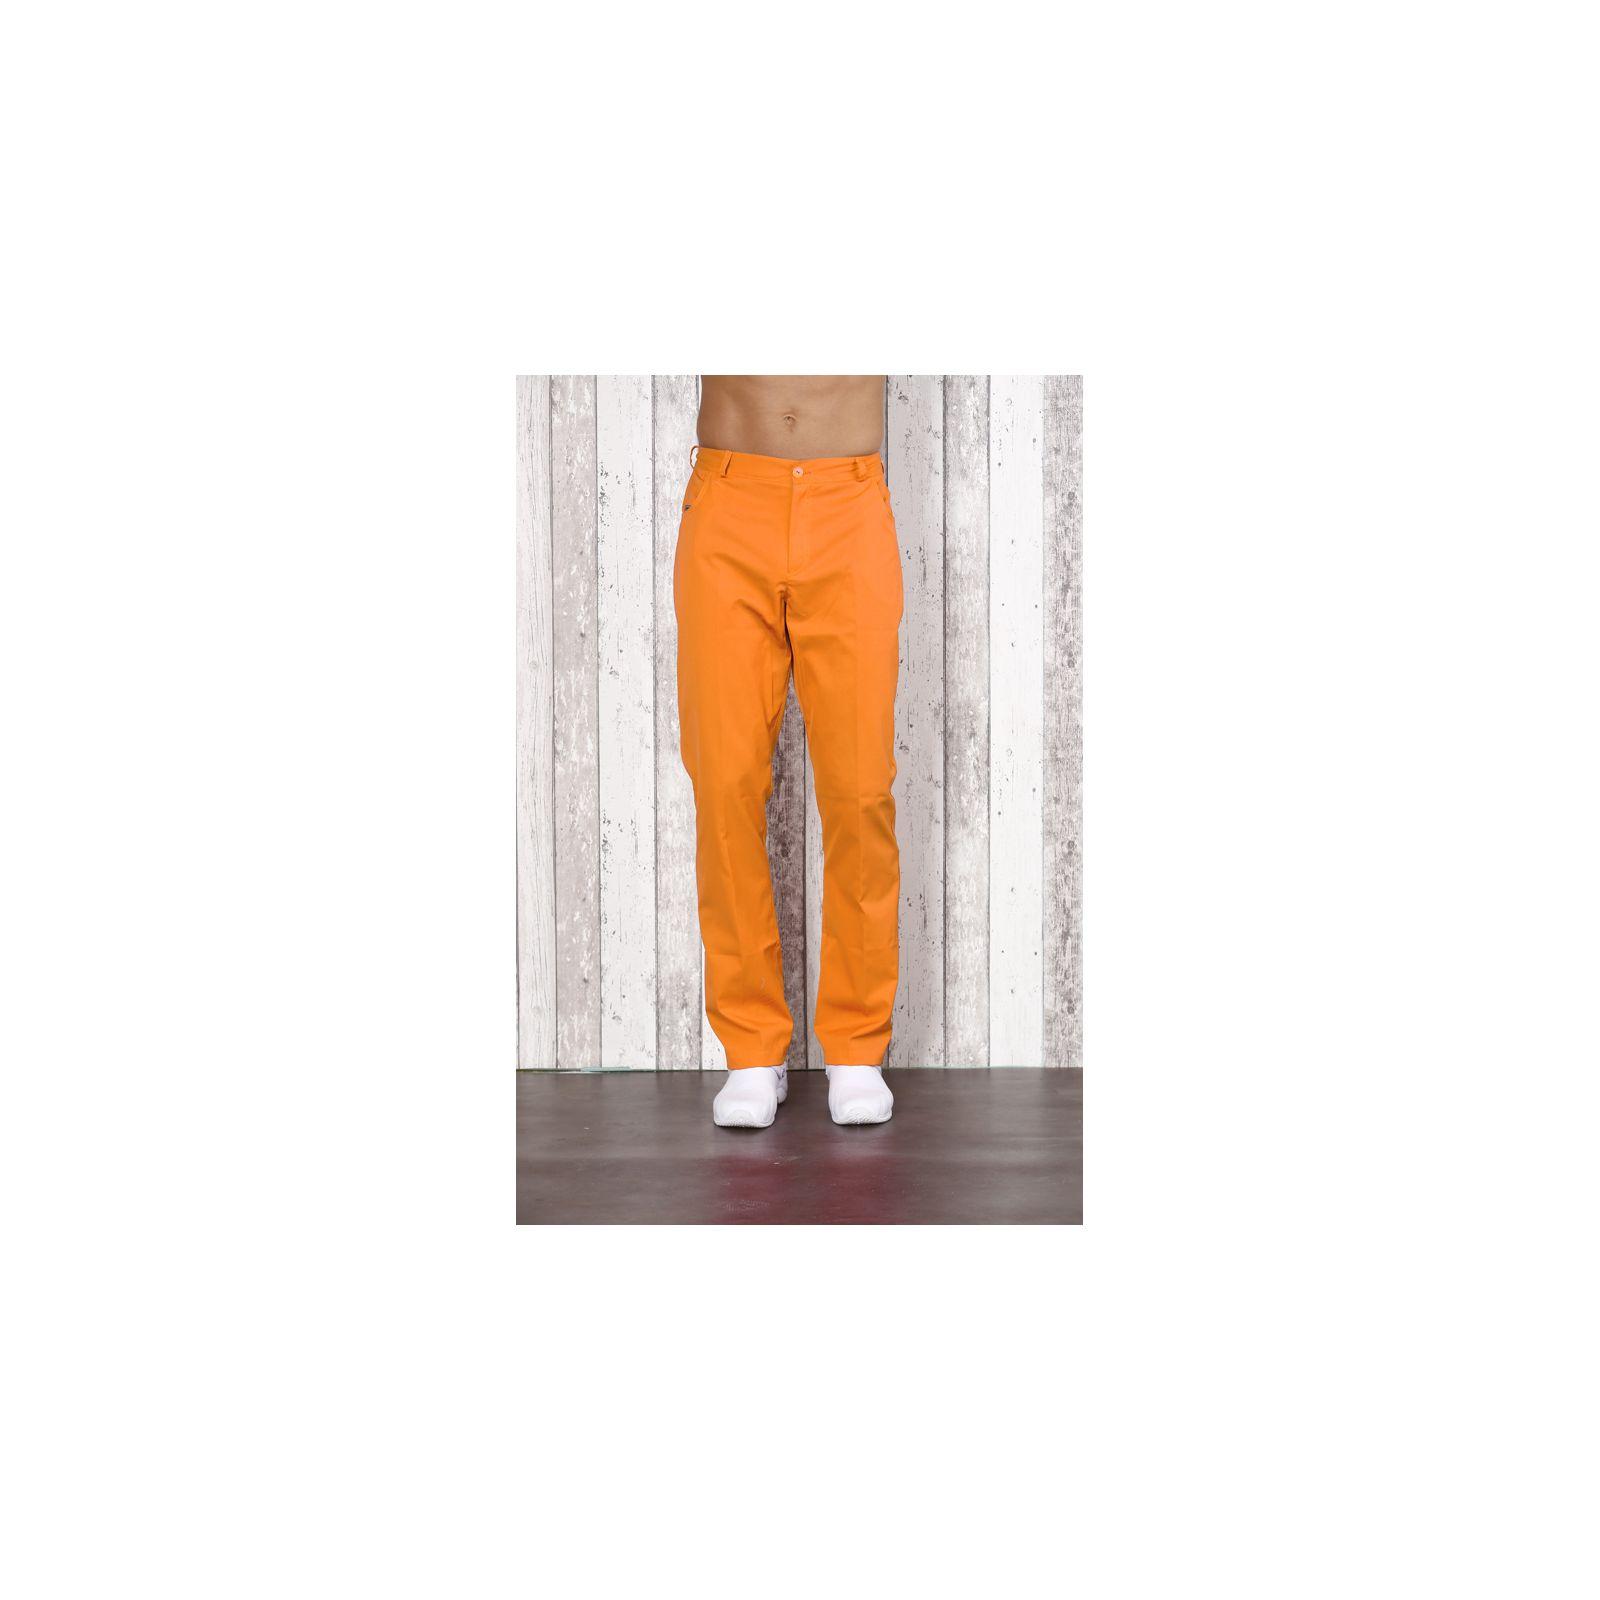 Pantalon unisexe, Mankaia Factory, ajusté, ancien tissu et couleur (228)